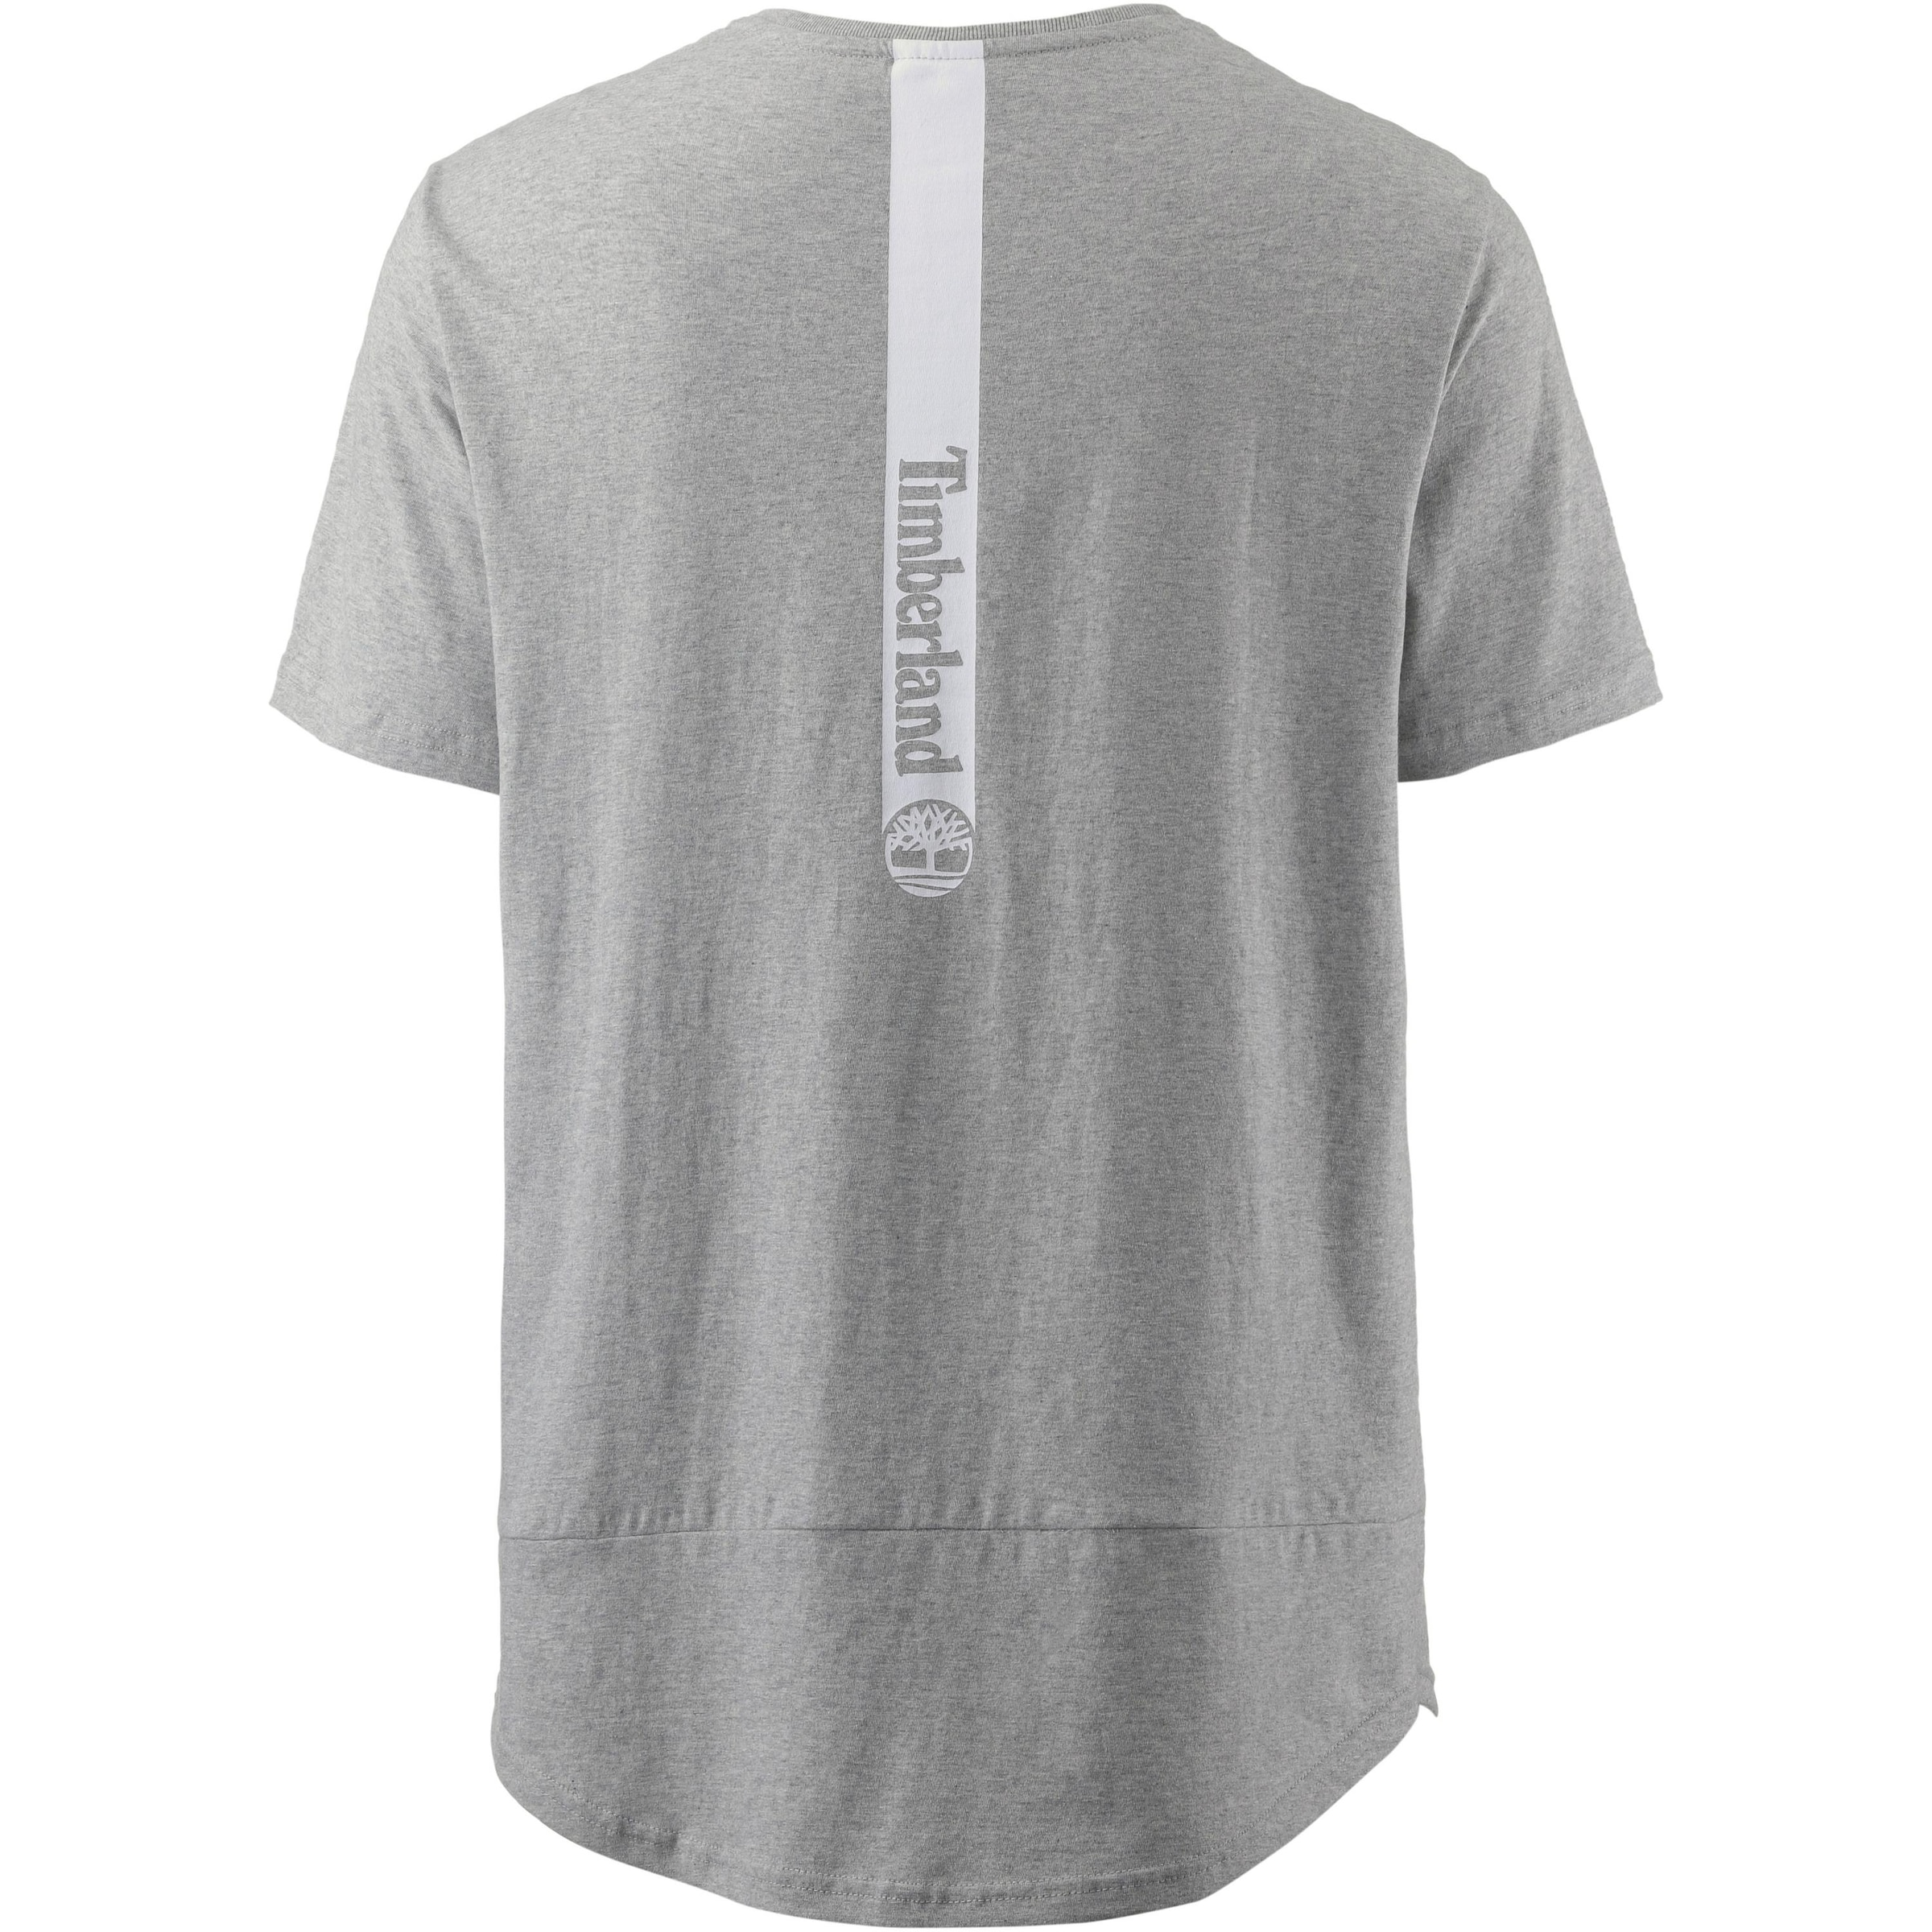 Geschäft Zum Verkauf Fabrikverkauf Günstiger Preis TIMBERLAND T-Shirt Neueste Online Spielraum Niedriger Versand zt6vnLZr1v